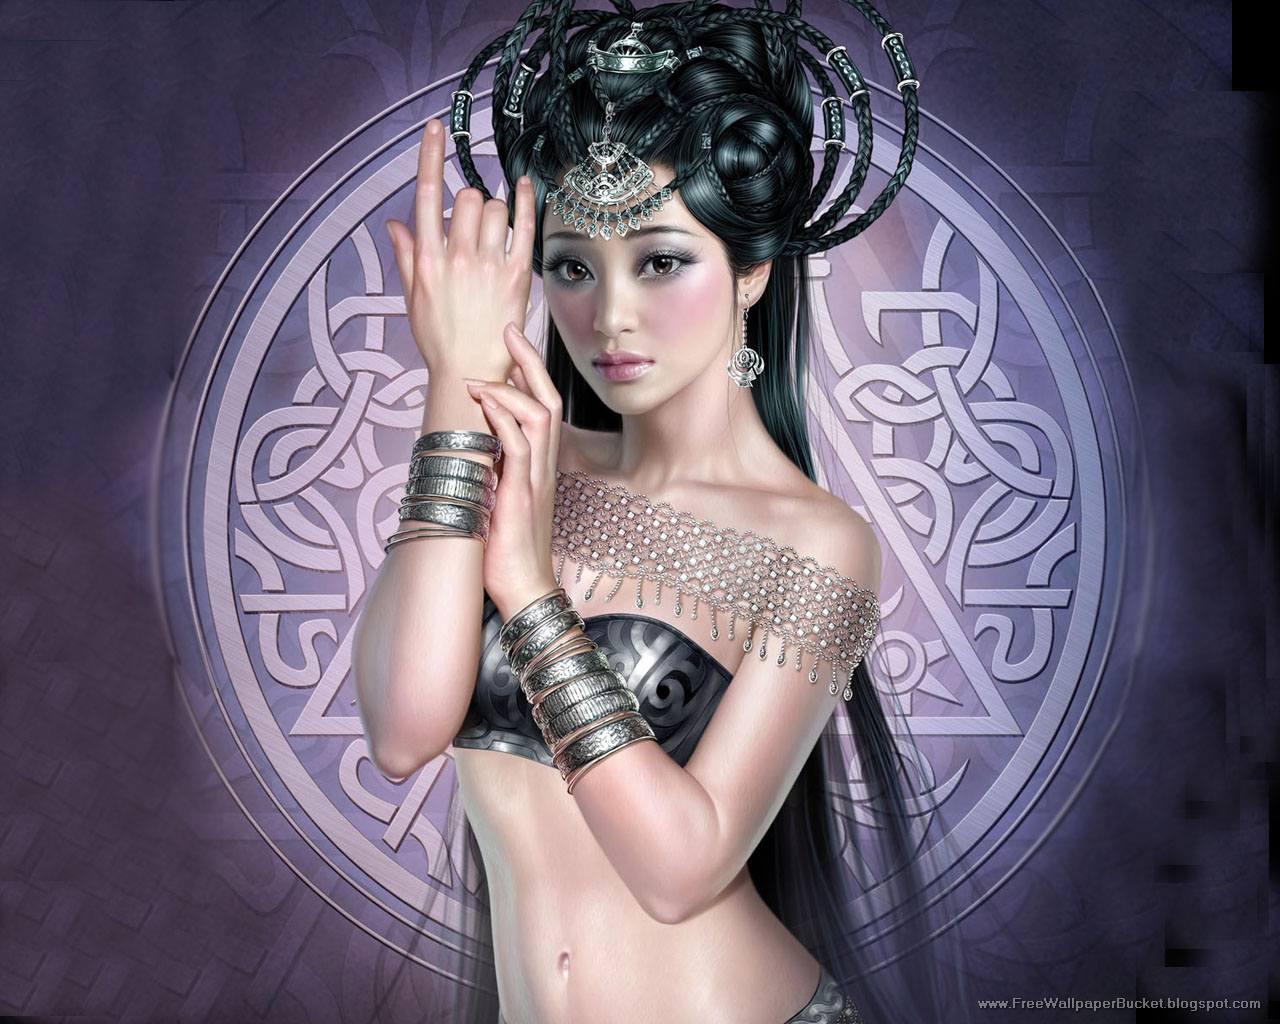 ... Gambar-gambar cewek seksi fantasi foto-foto wanita fantasi wallpaper  cewek fantasi kumpulan ... d3106c20ba